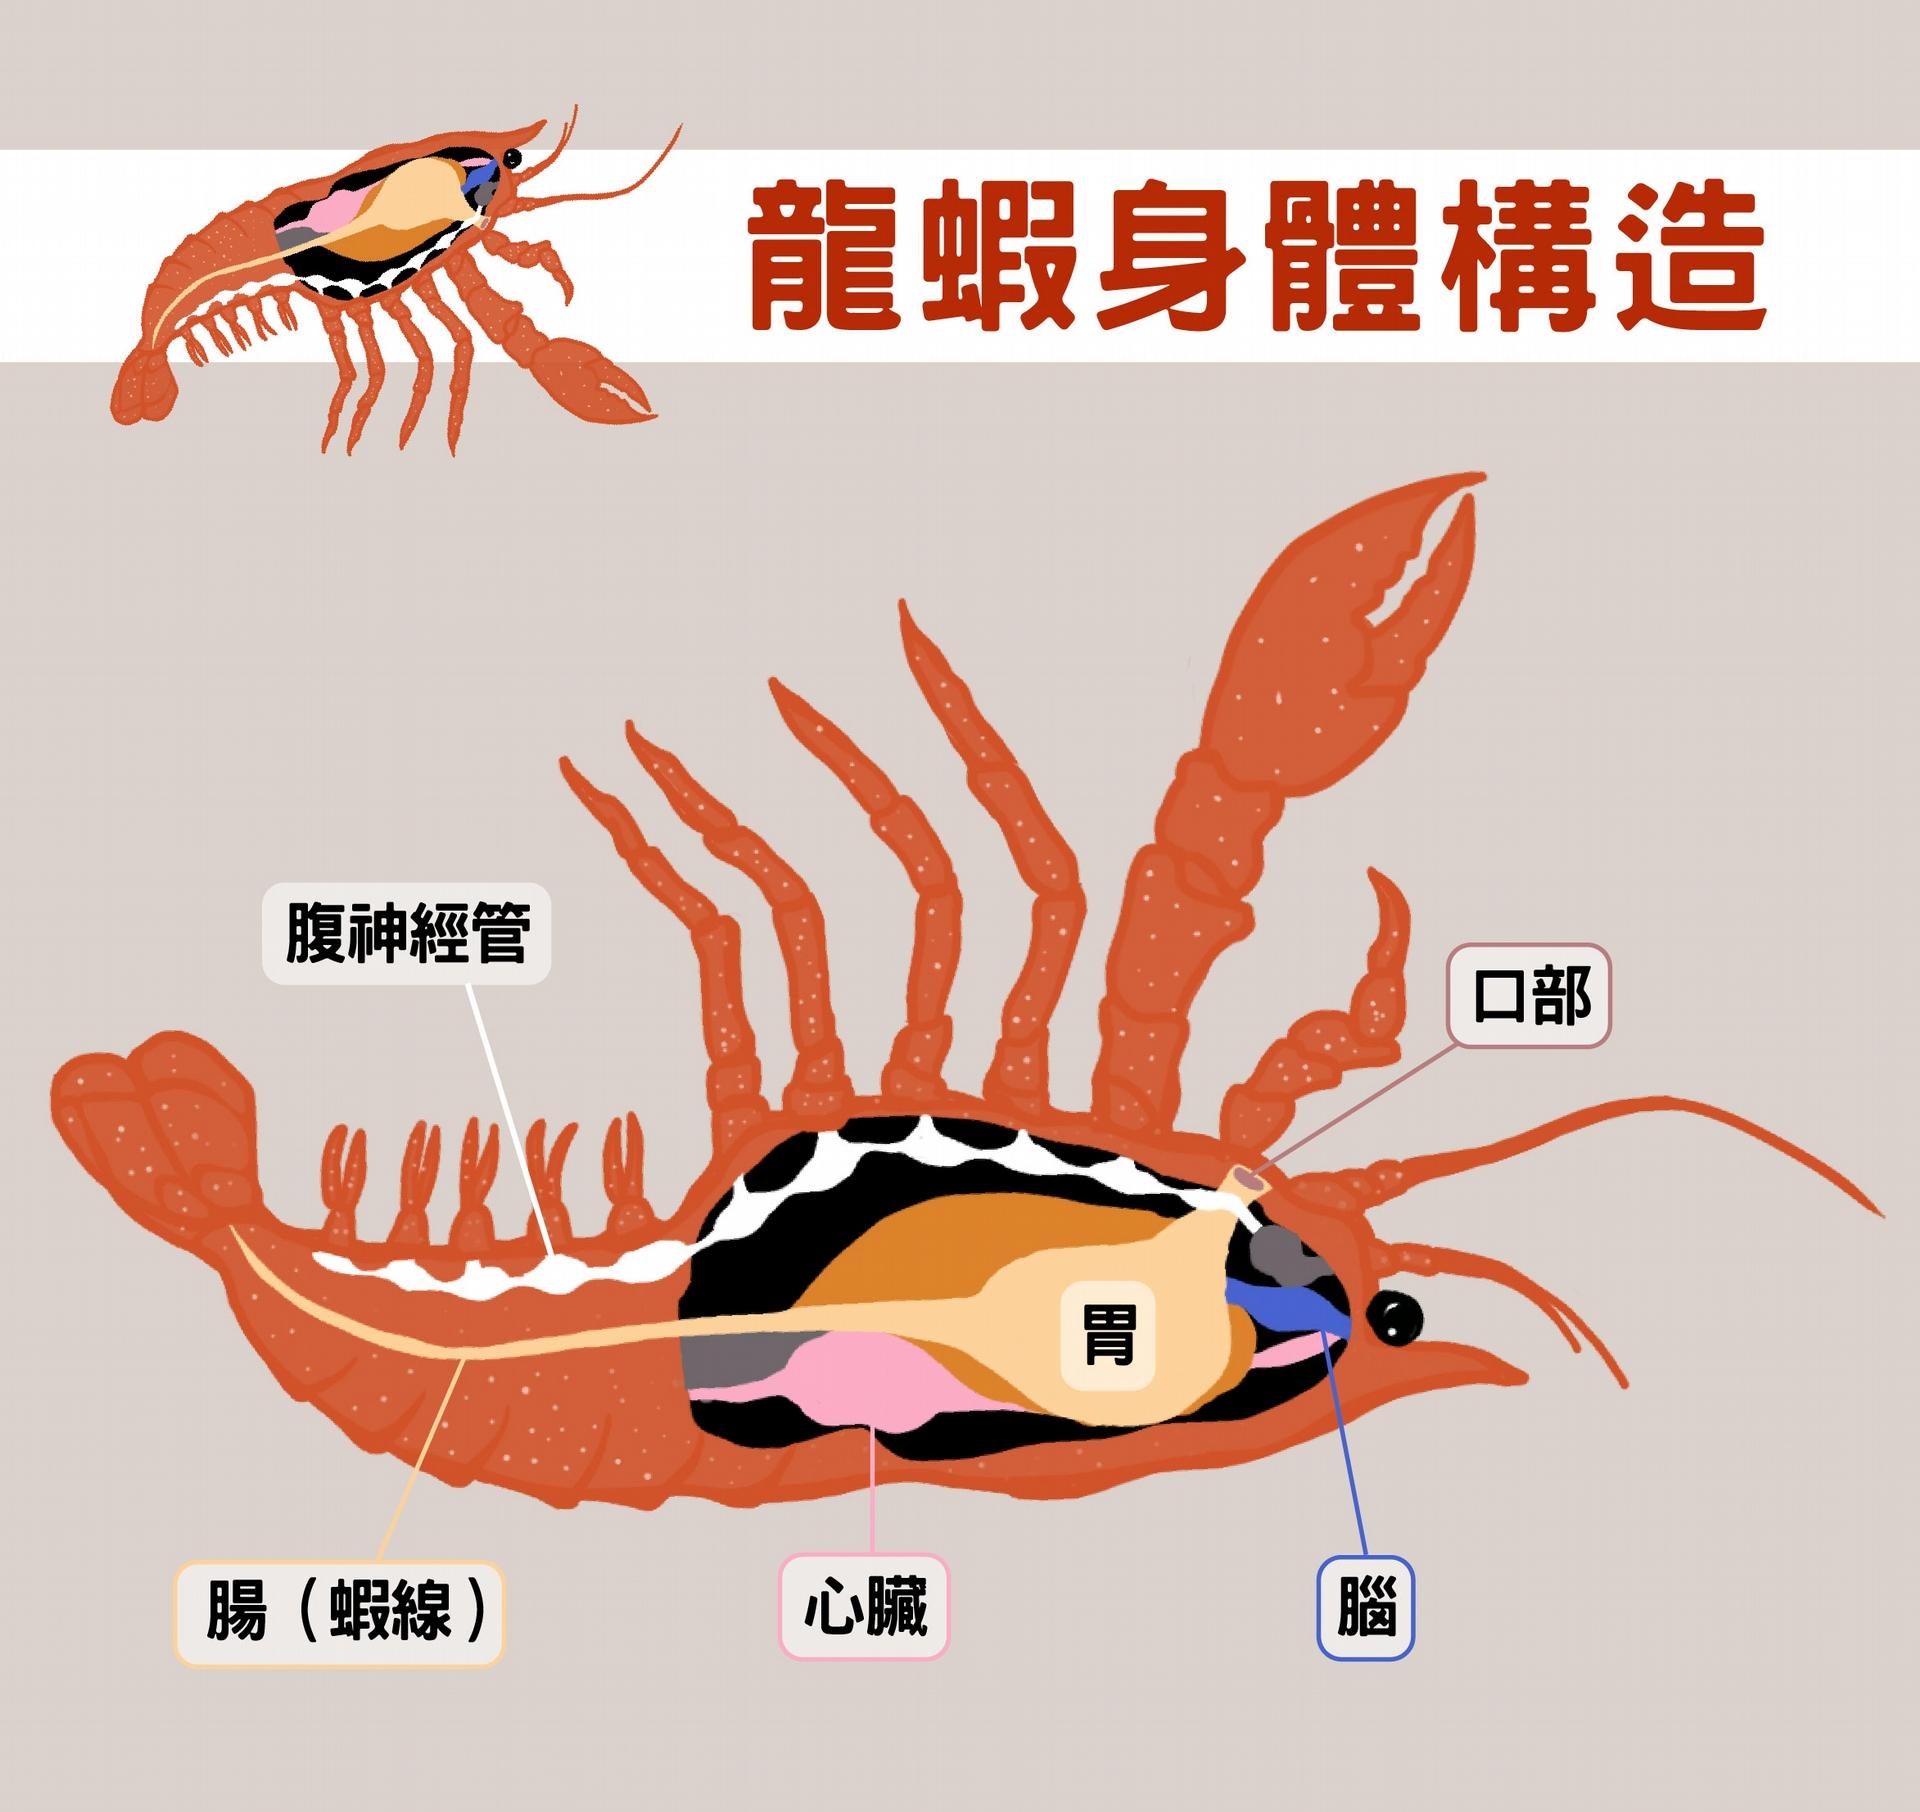 龍蝦一樣有神經管,把牠翻過來,神經管在上、腸子在下,很像脊索動物。 圖說設計│黃曉君、林洵安